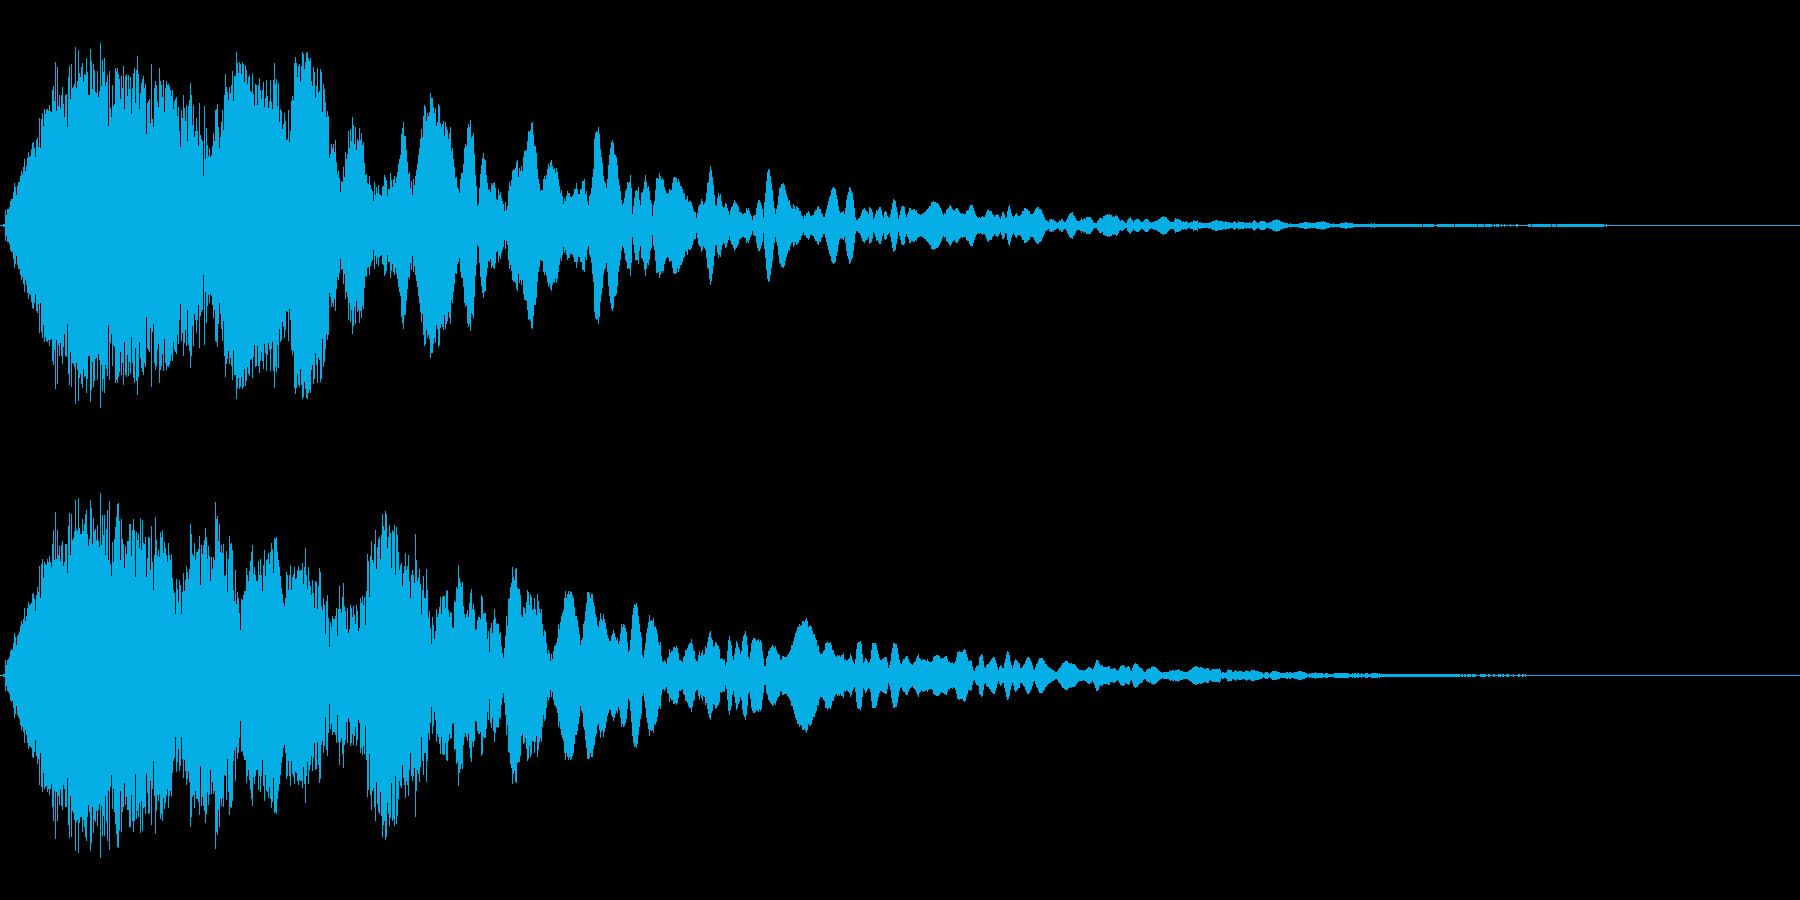 シャキーン!(勢いのあるインパクト音)の再生済みの波形